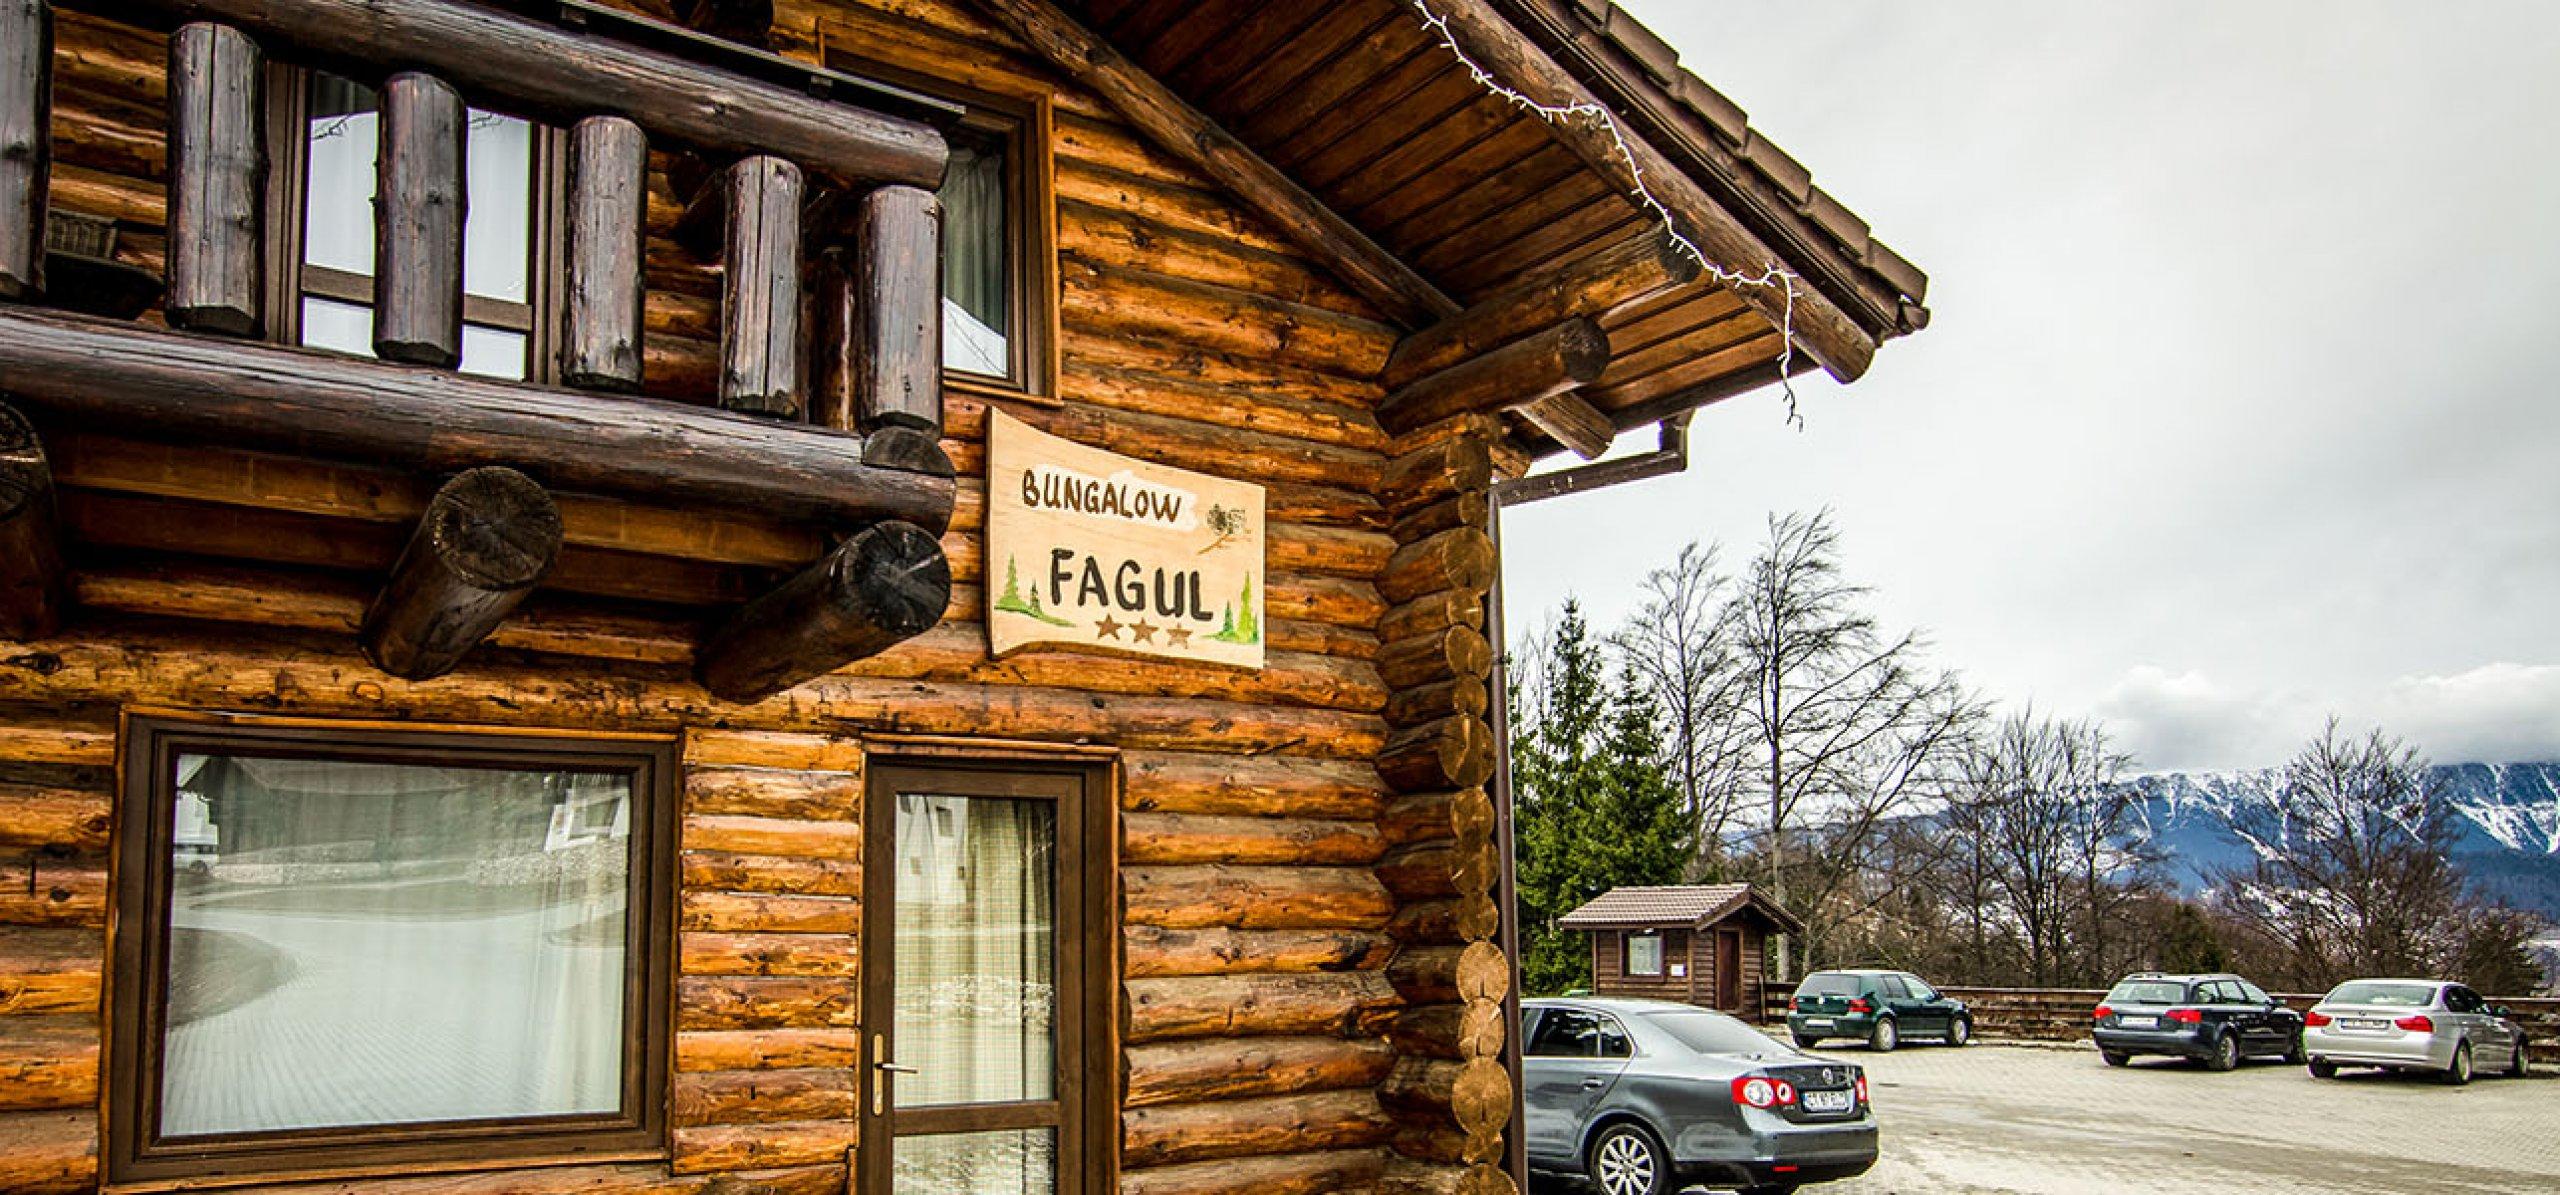 vila-fagul-fatada-principala-cheile-gradistei-fundata